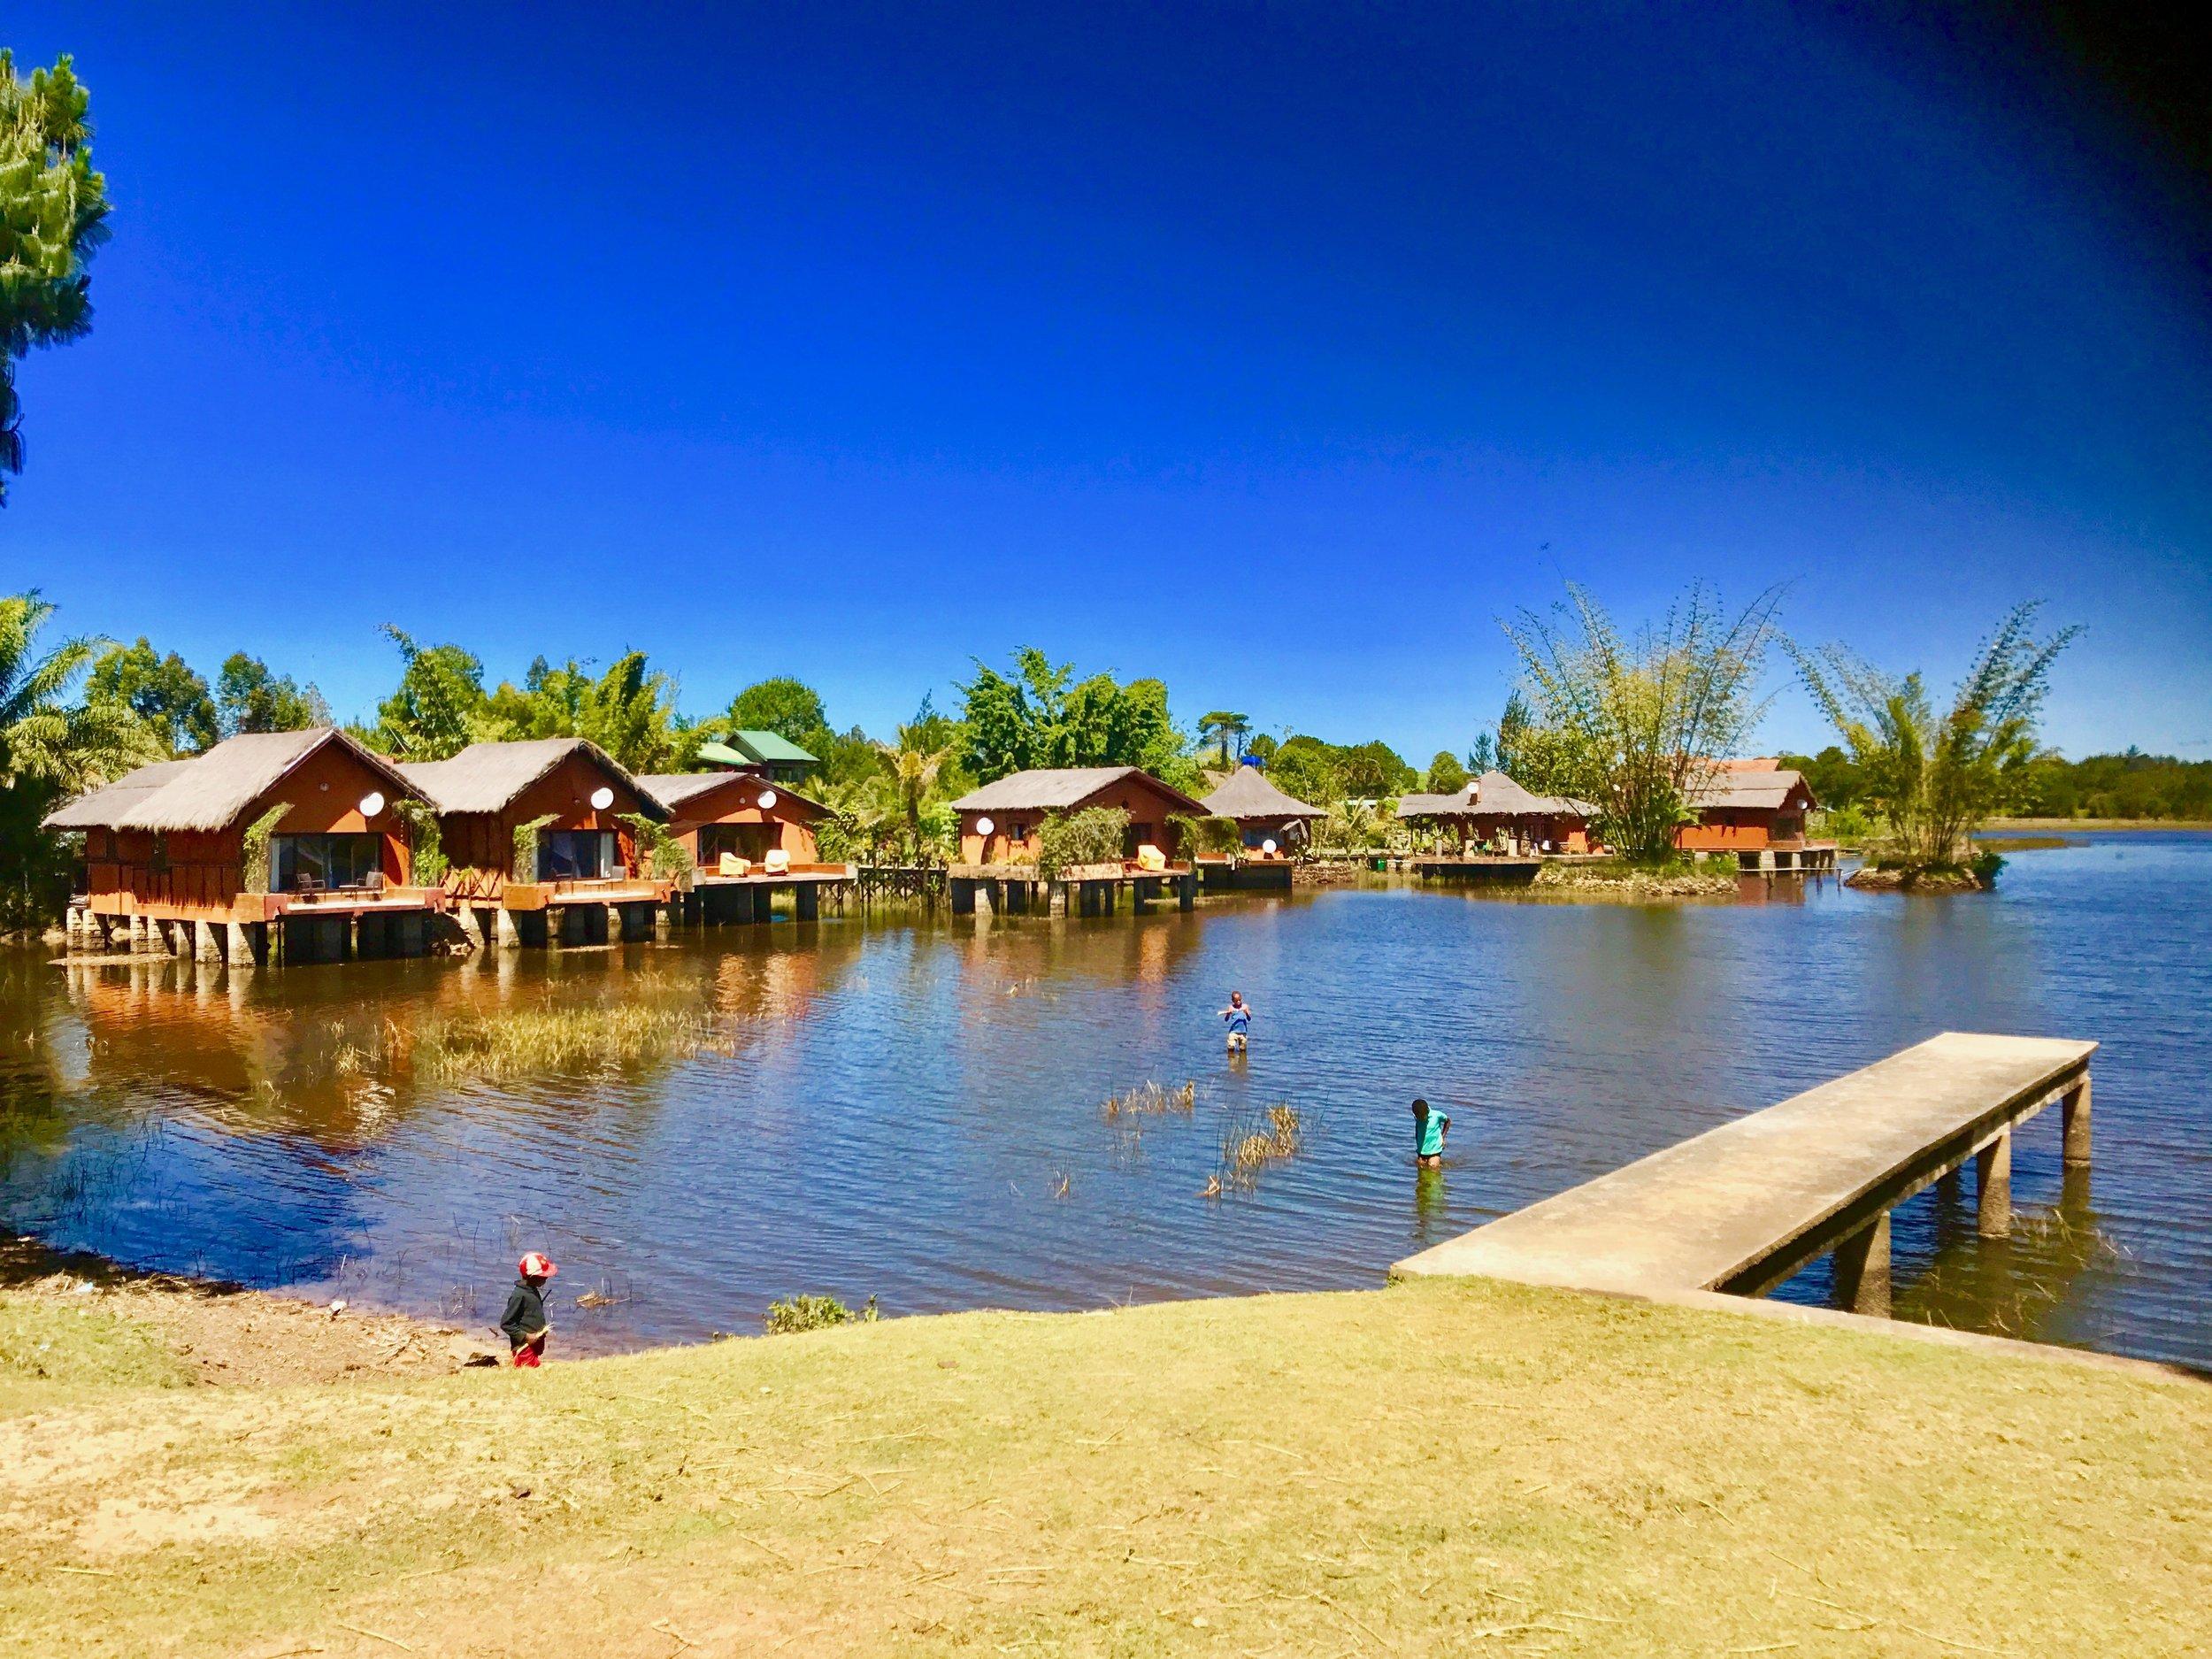 Lac Hotel: Bungalows on stilts located on Lake Sahamvavy. Photo by Jennifer Manzanillo